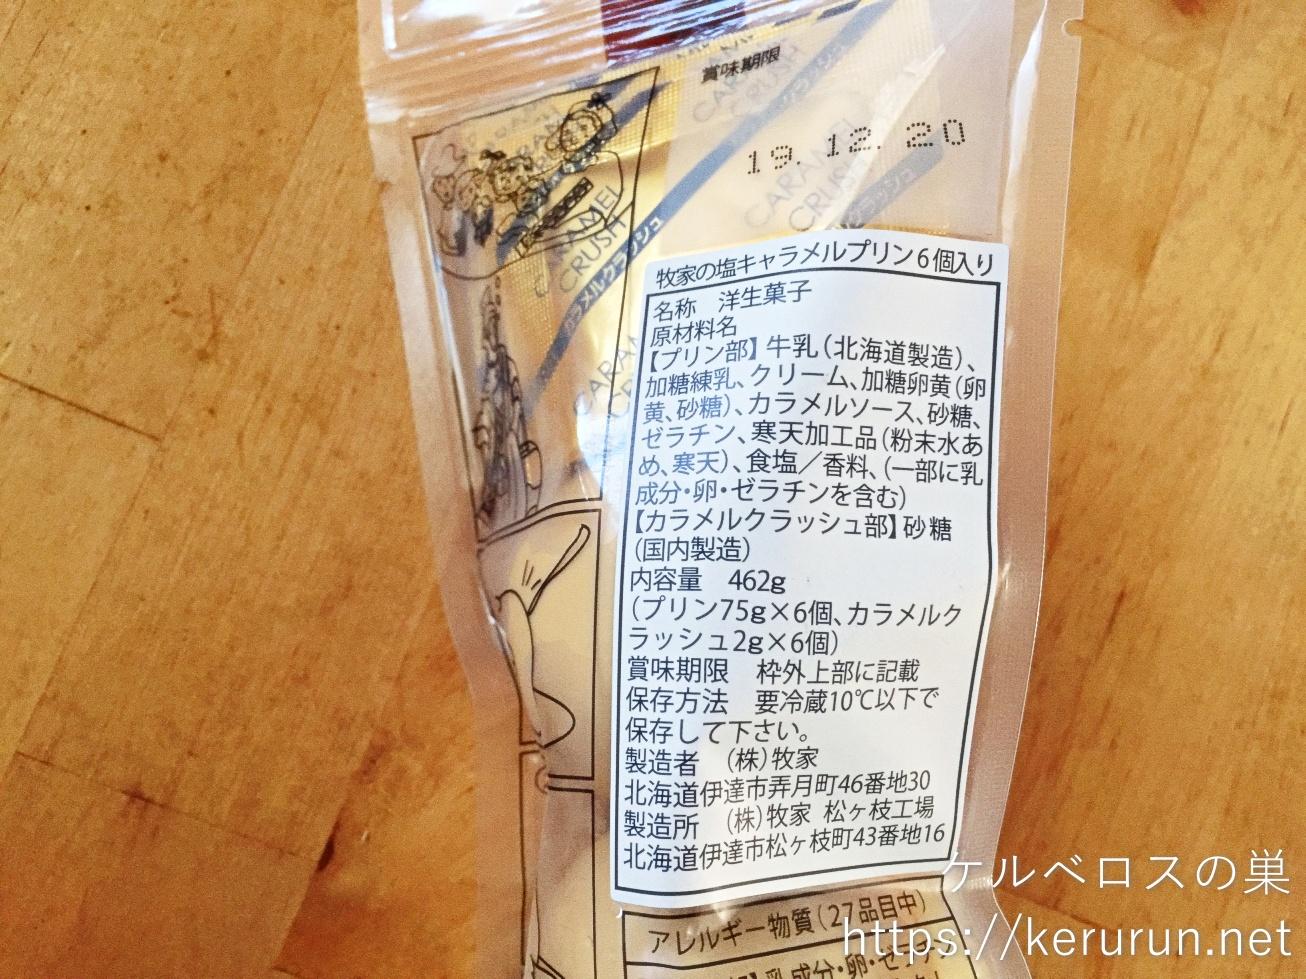 【コストコ】牧家(Bocca)塩キャラメルプリン6個入り